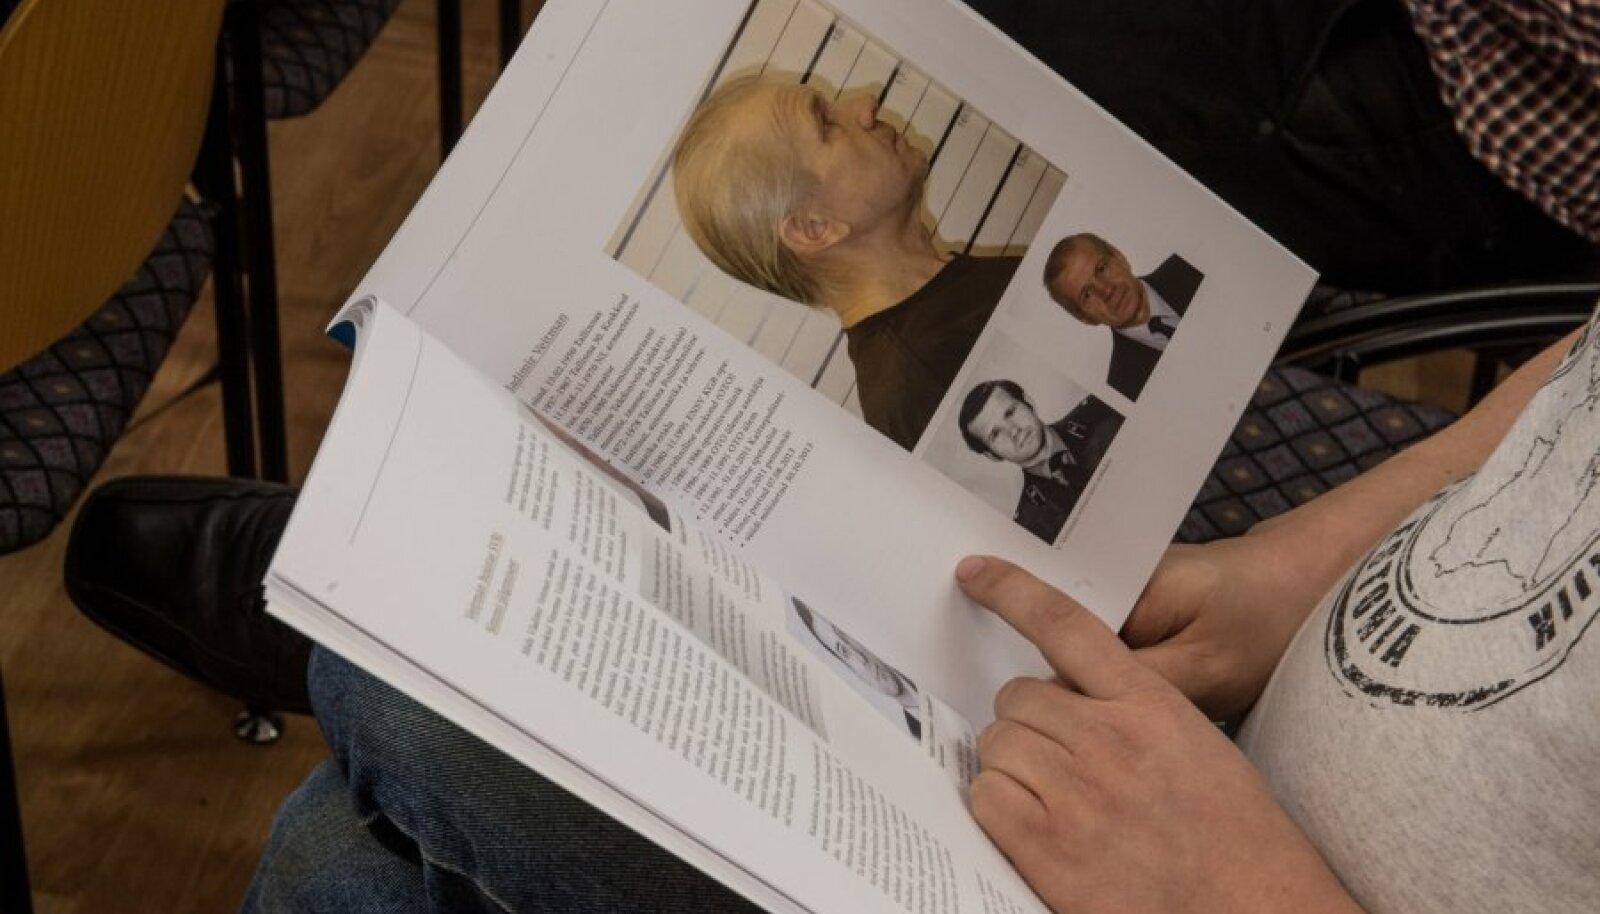 Kaitsepolitsei aastaraamatu esitlus